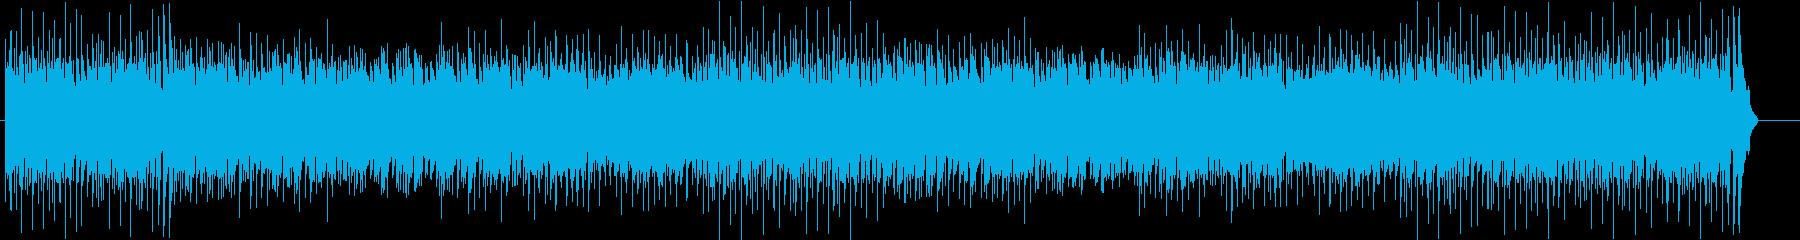 ほのぼのまったりしたカントリー調の曲の再生済みの波形